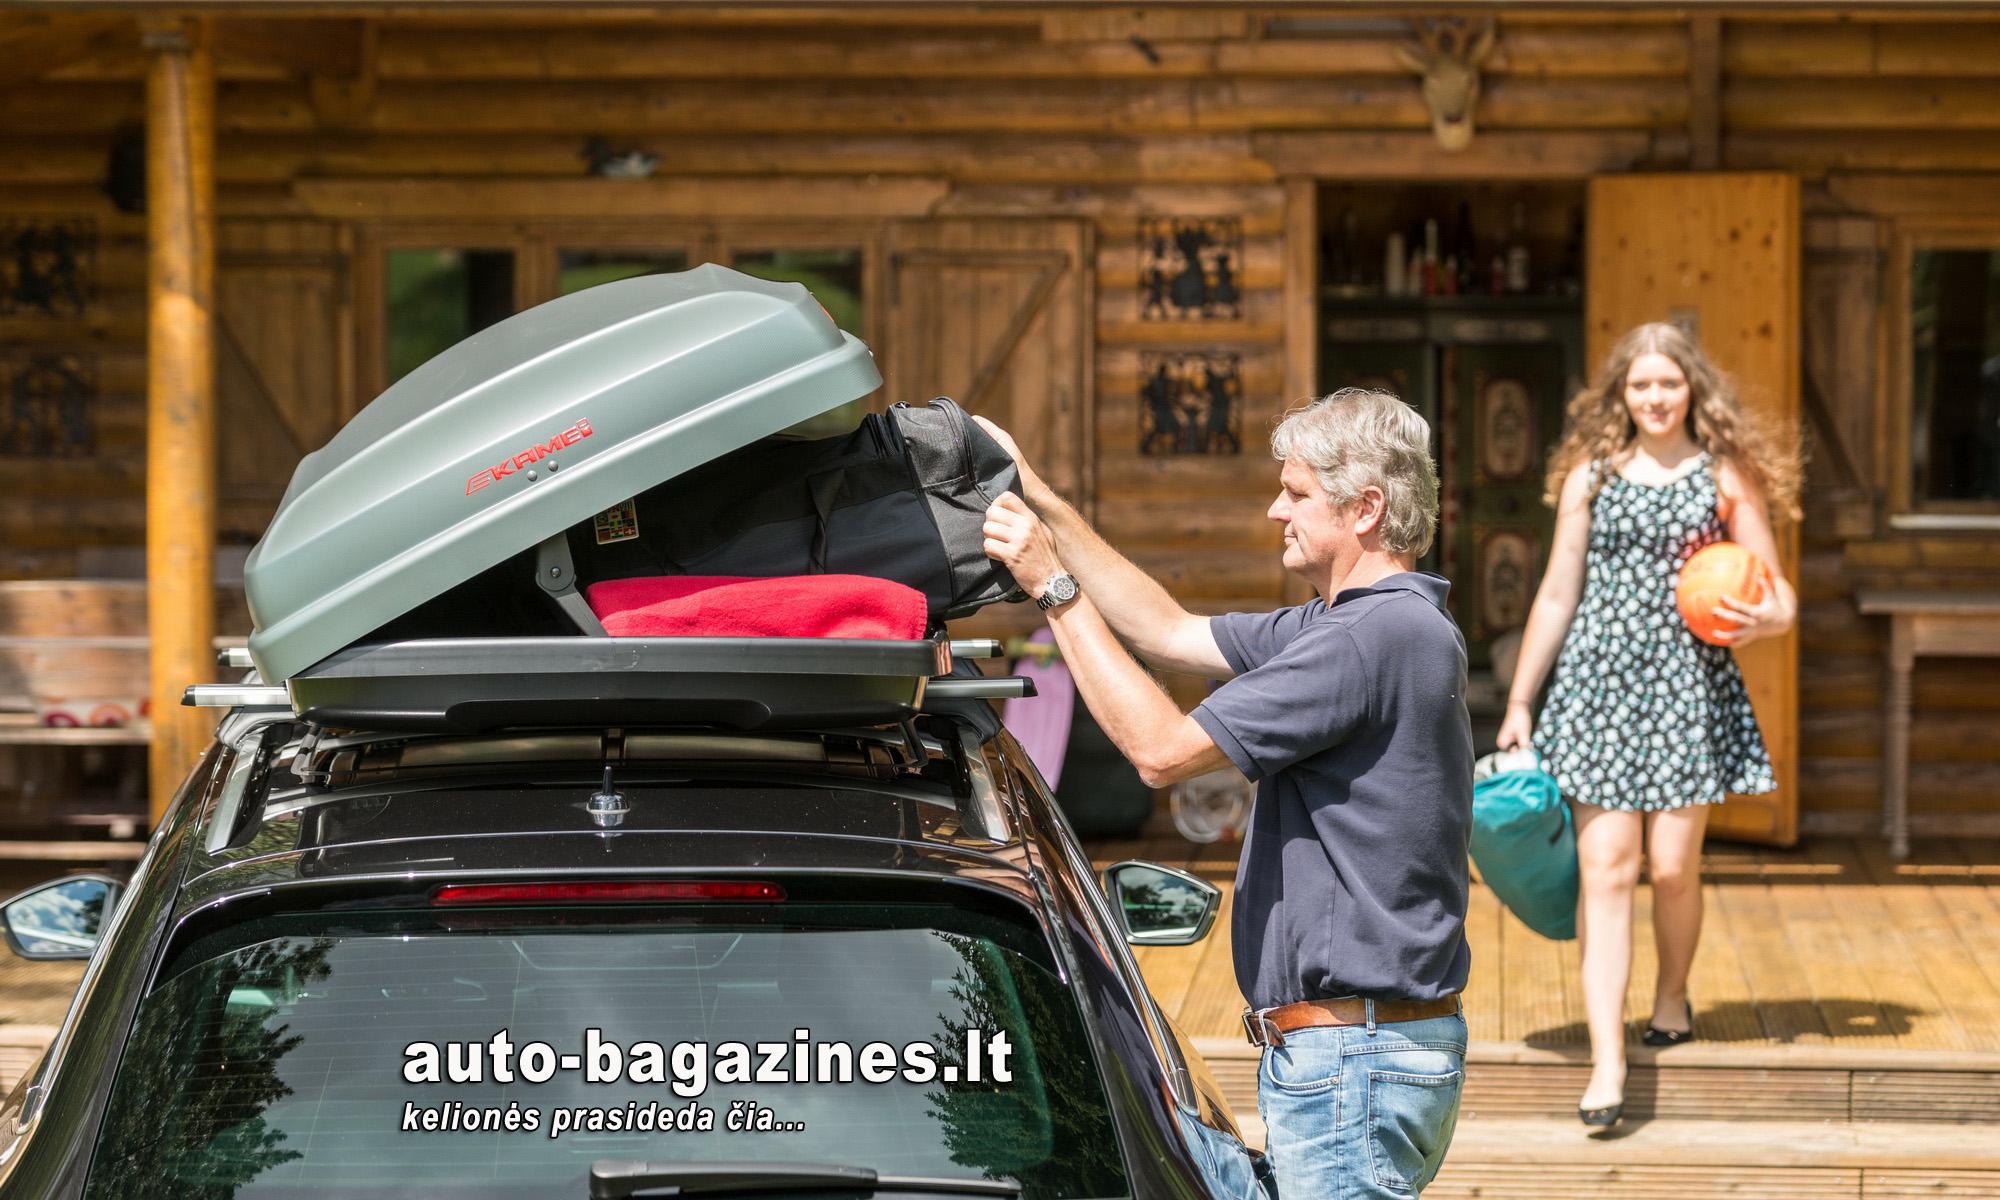 Stogo bagažinių nuoma | Nuoma Kaune | Nuoma Vilniuje